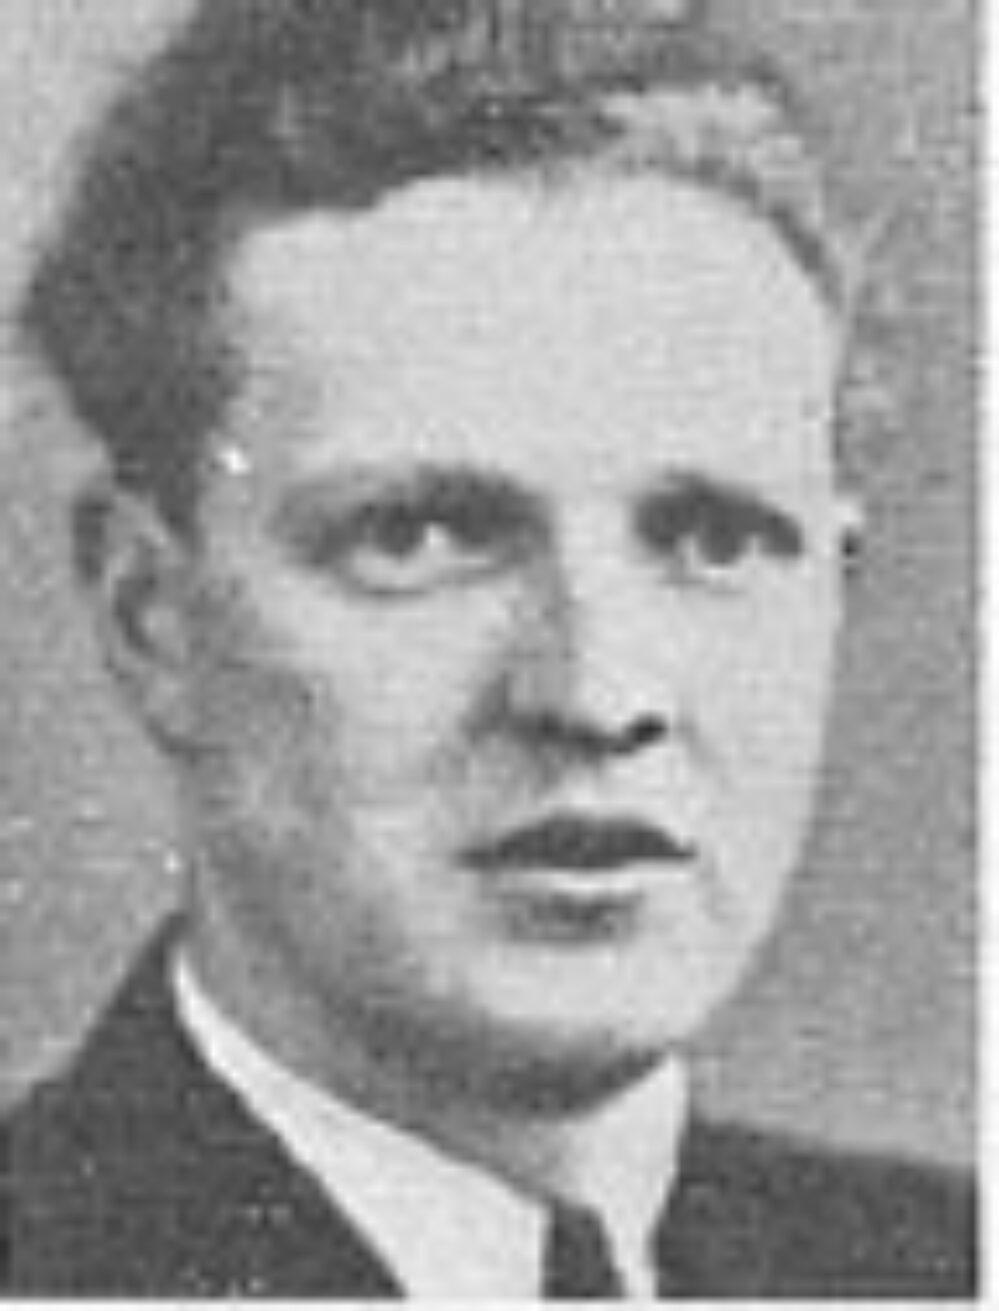 Petter H. Bergithon Olsen